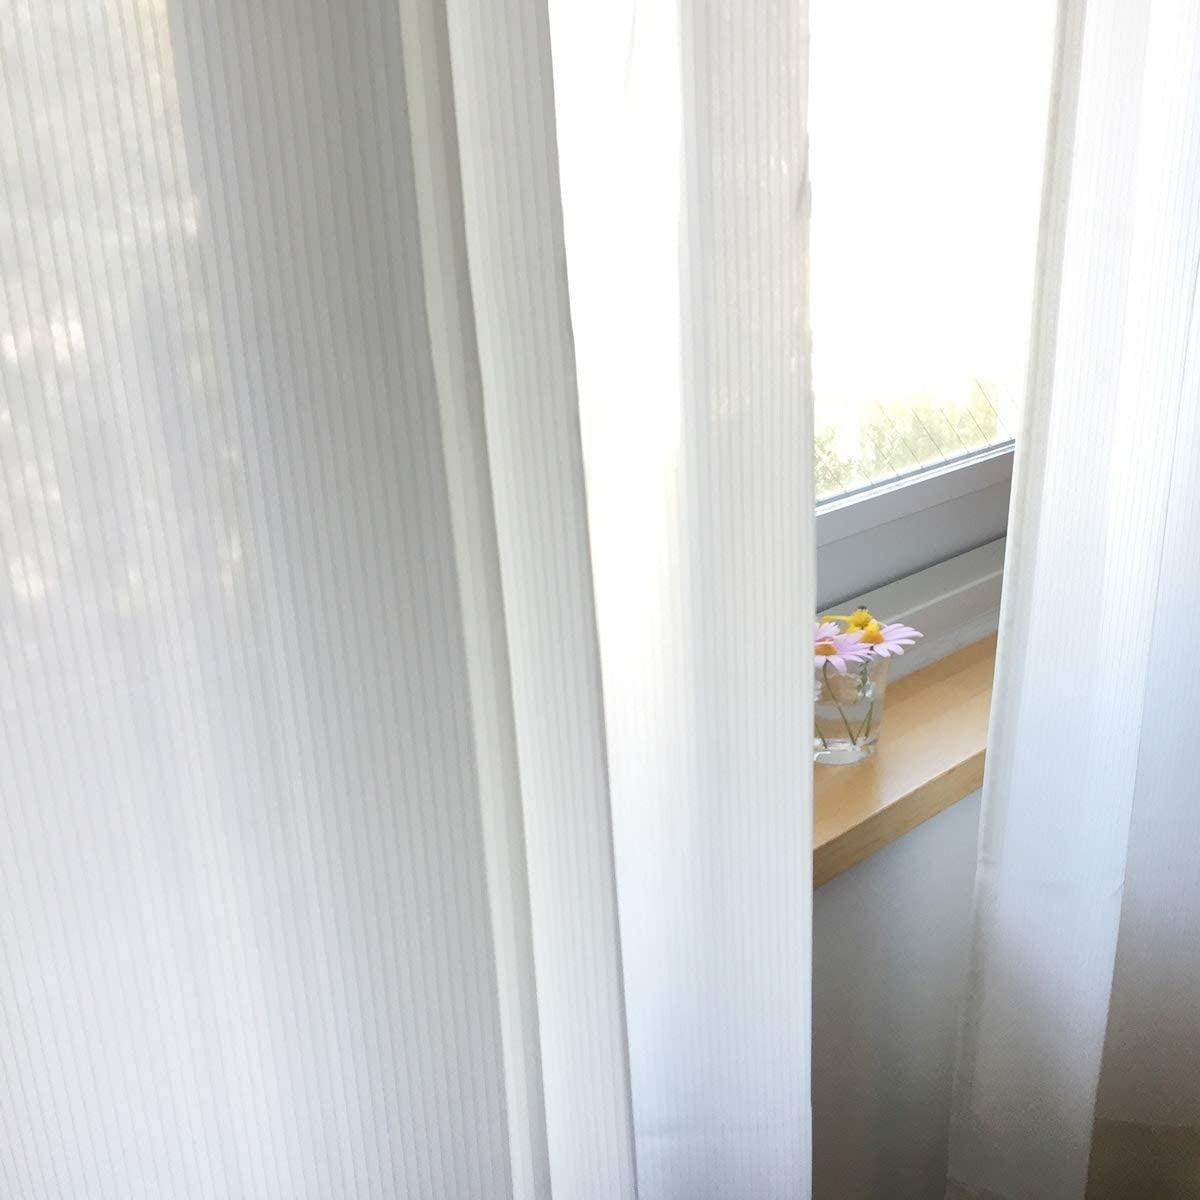 トリコ/アイボリー 遮像レースカーテン 遮熱・保温 UVカット 涼しや 形状記憶加工 ウォッシャブル カーテン 2枚入 / Aフック サイズ(幅×丈):100×198cm ksol-001-100-198